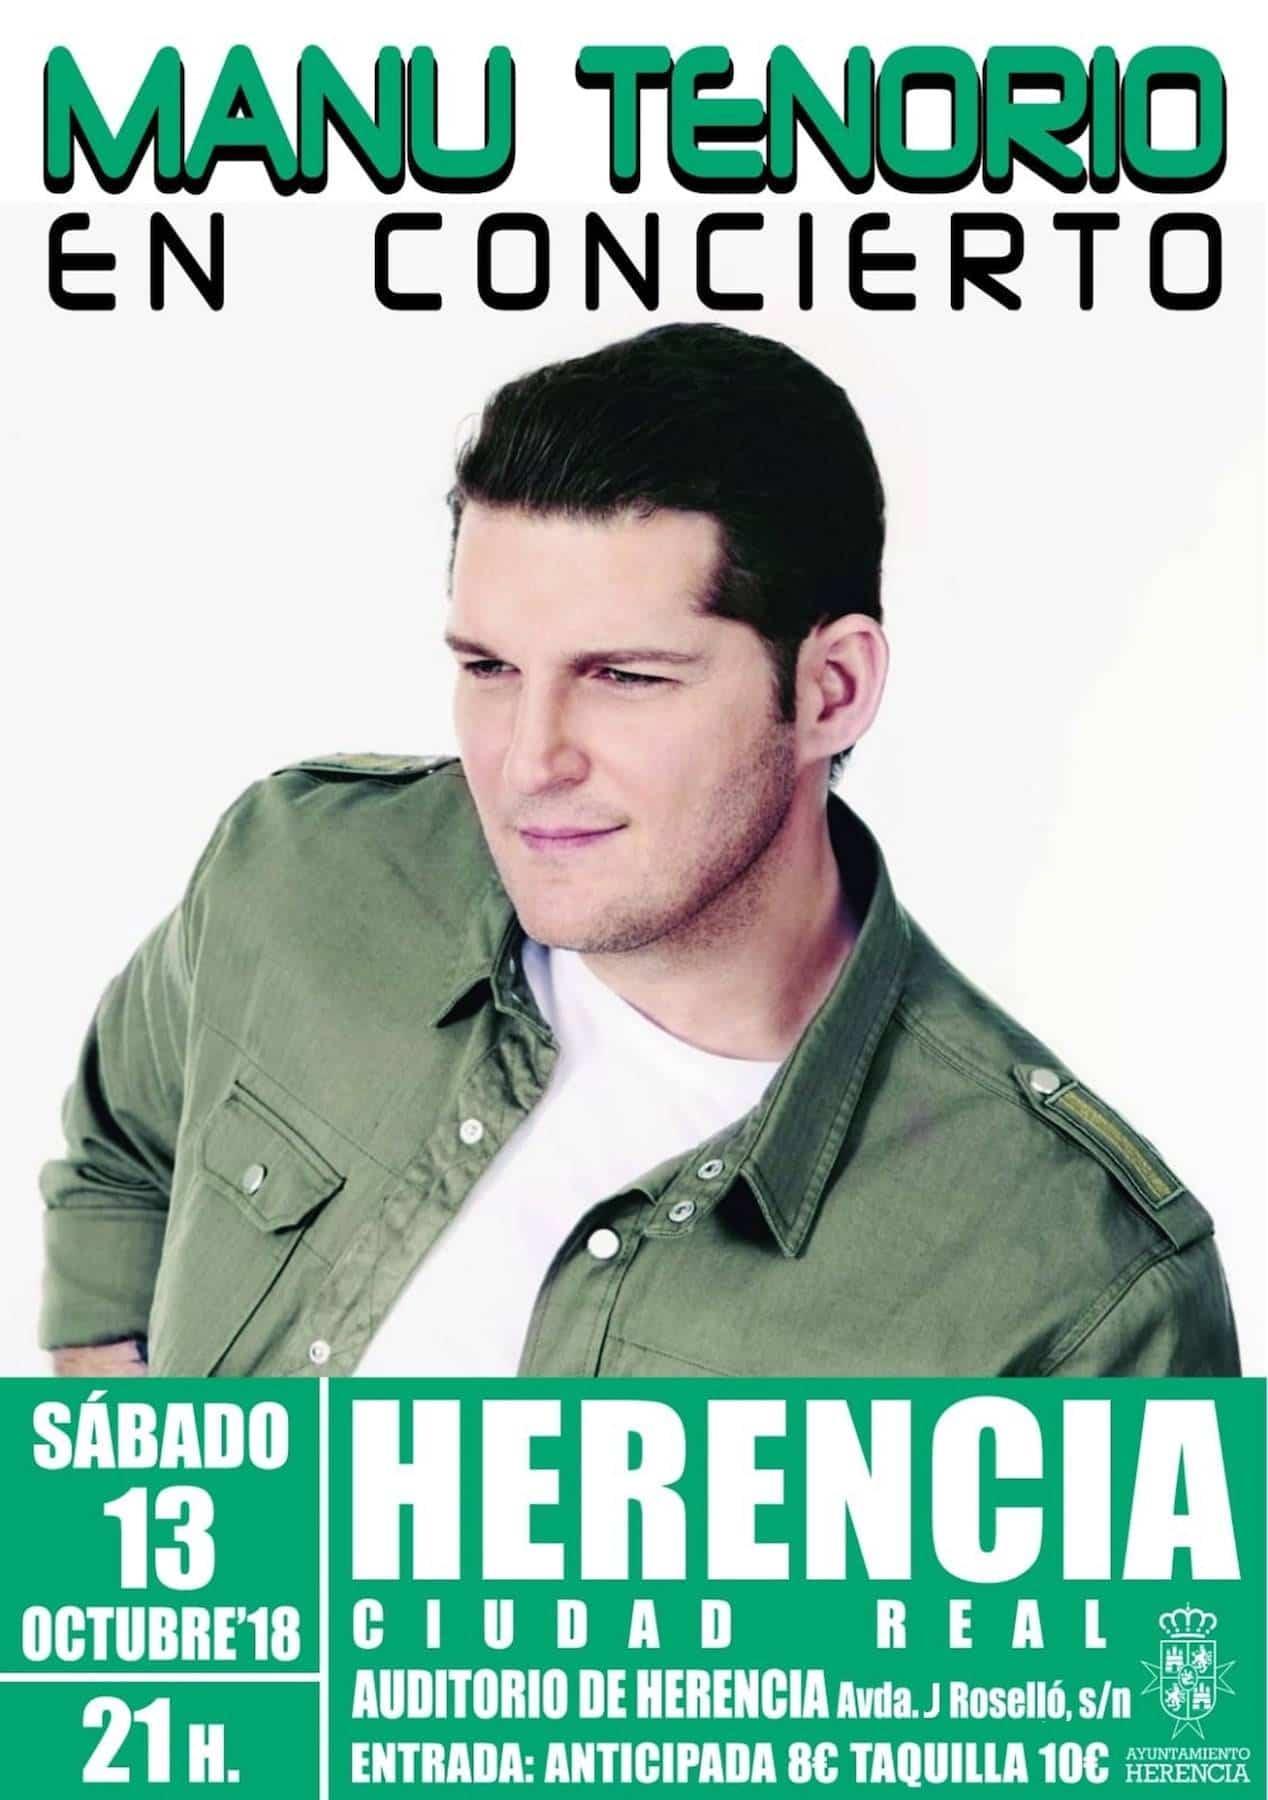 Manu Tenorio actuará en Herencia el próximo día 13 de octubre 1